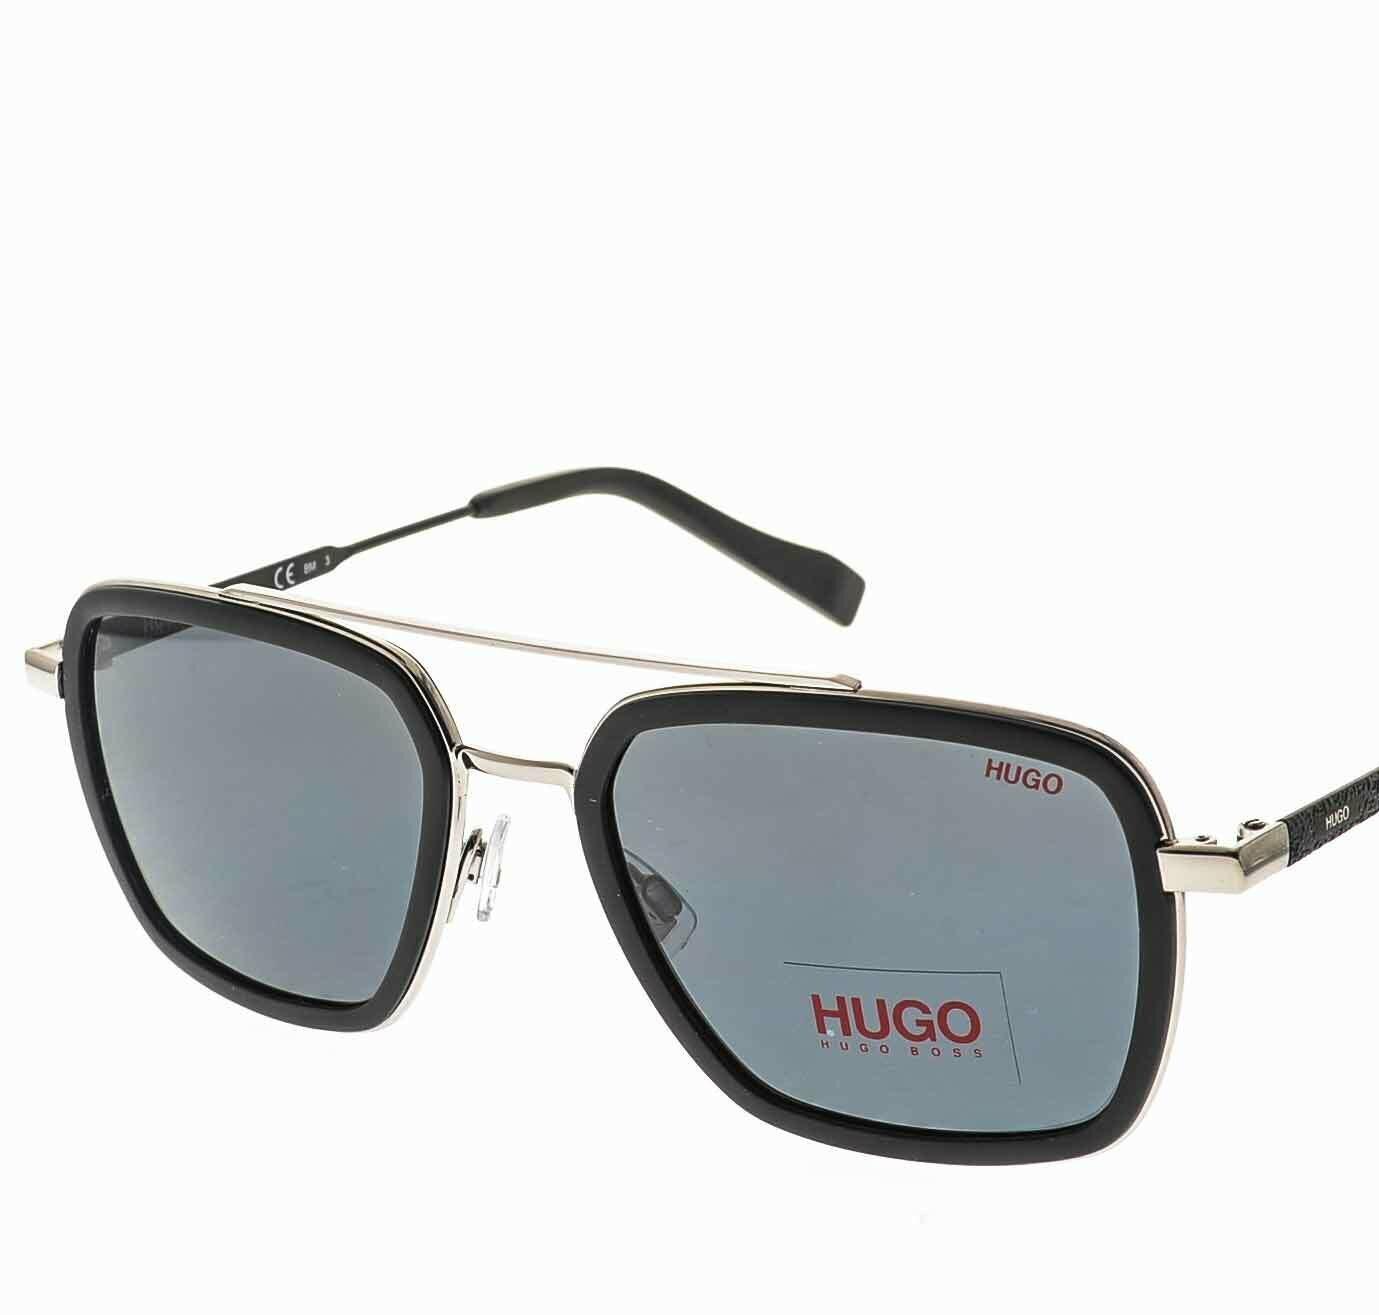 HUGO BOSS HG0306/S